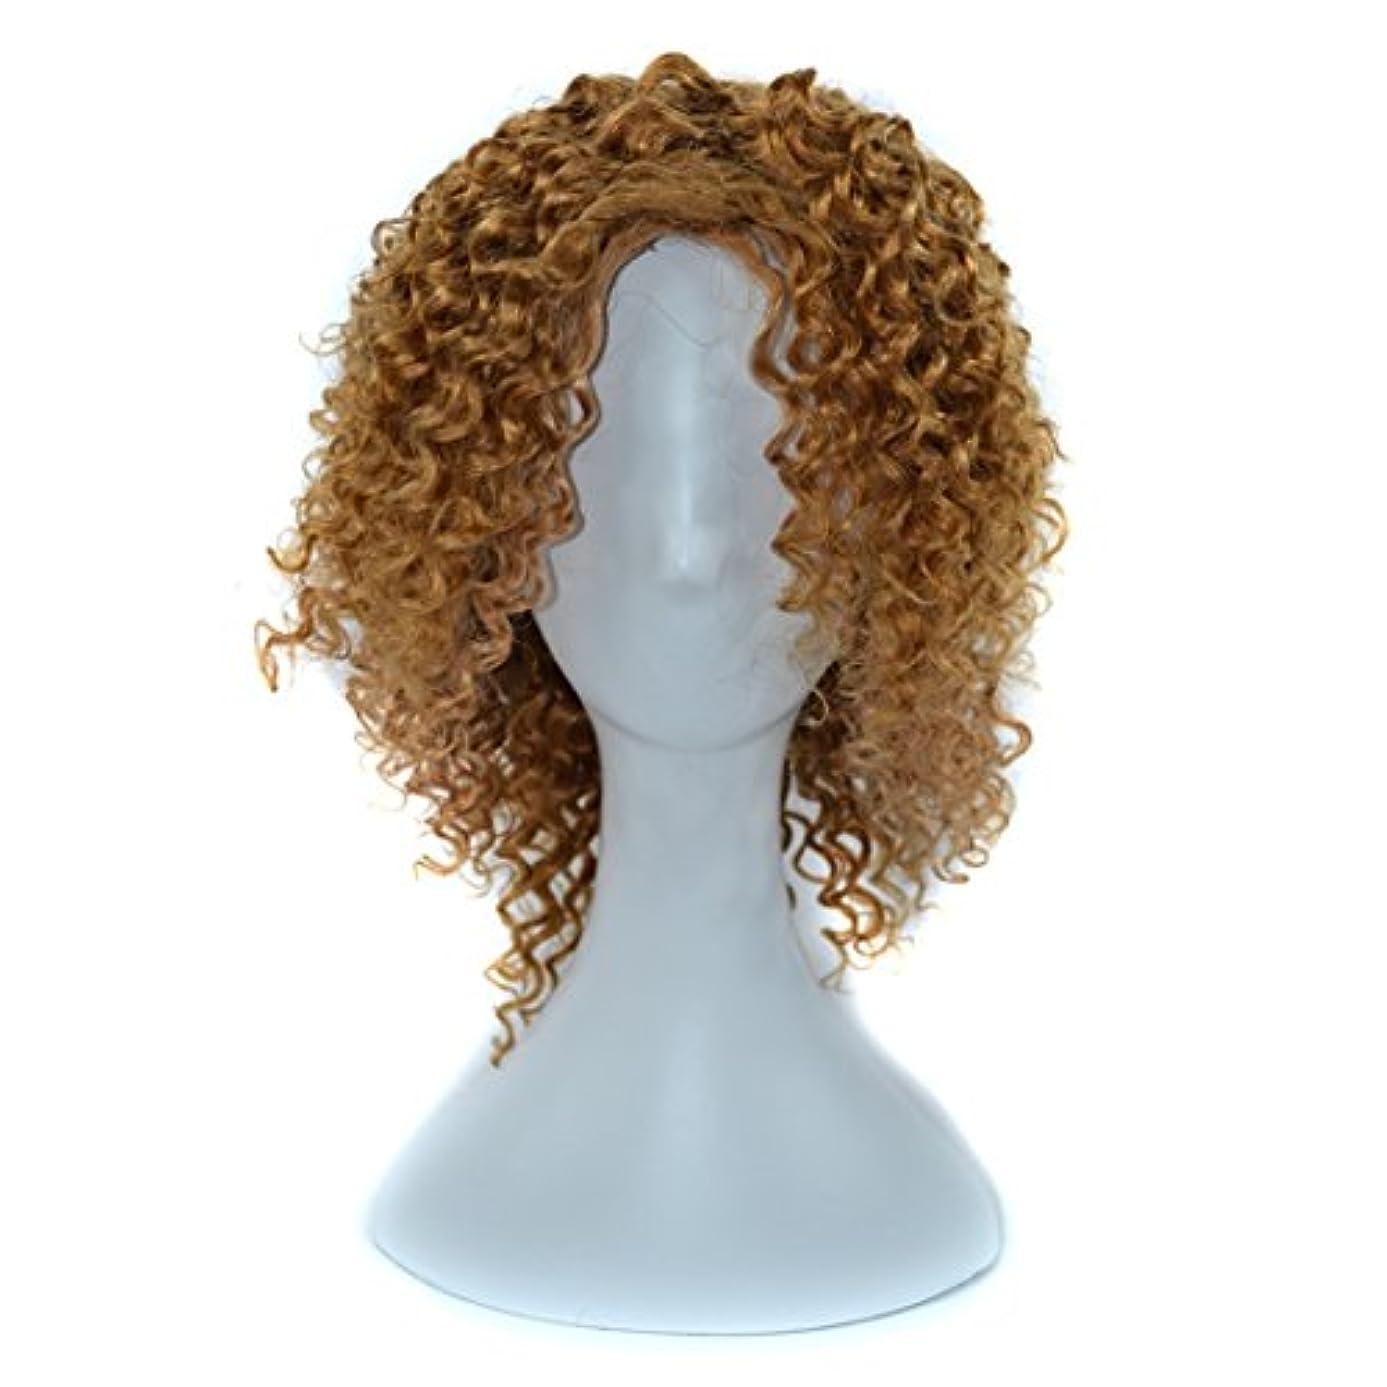 憂慮すべきハンマー重荷YOUQIU 傾斜前髪髪を持つ女性黒浮き、赤やライトブラウンディープカールウィッグはウィッグセットのウィッグを染めすることができないために14インチ本物の人間の髪の毛 (色 : 淡い茶色)